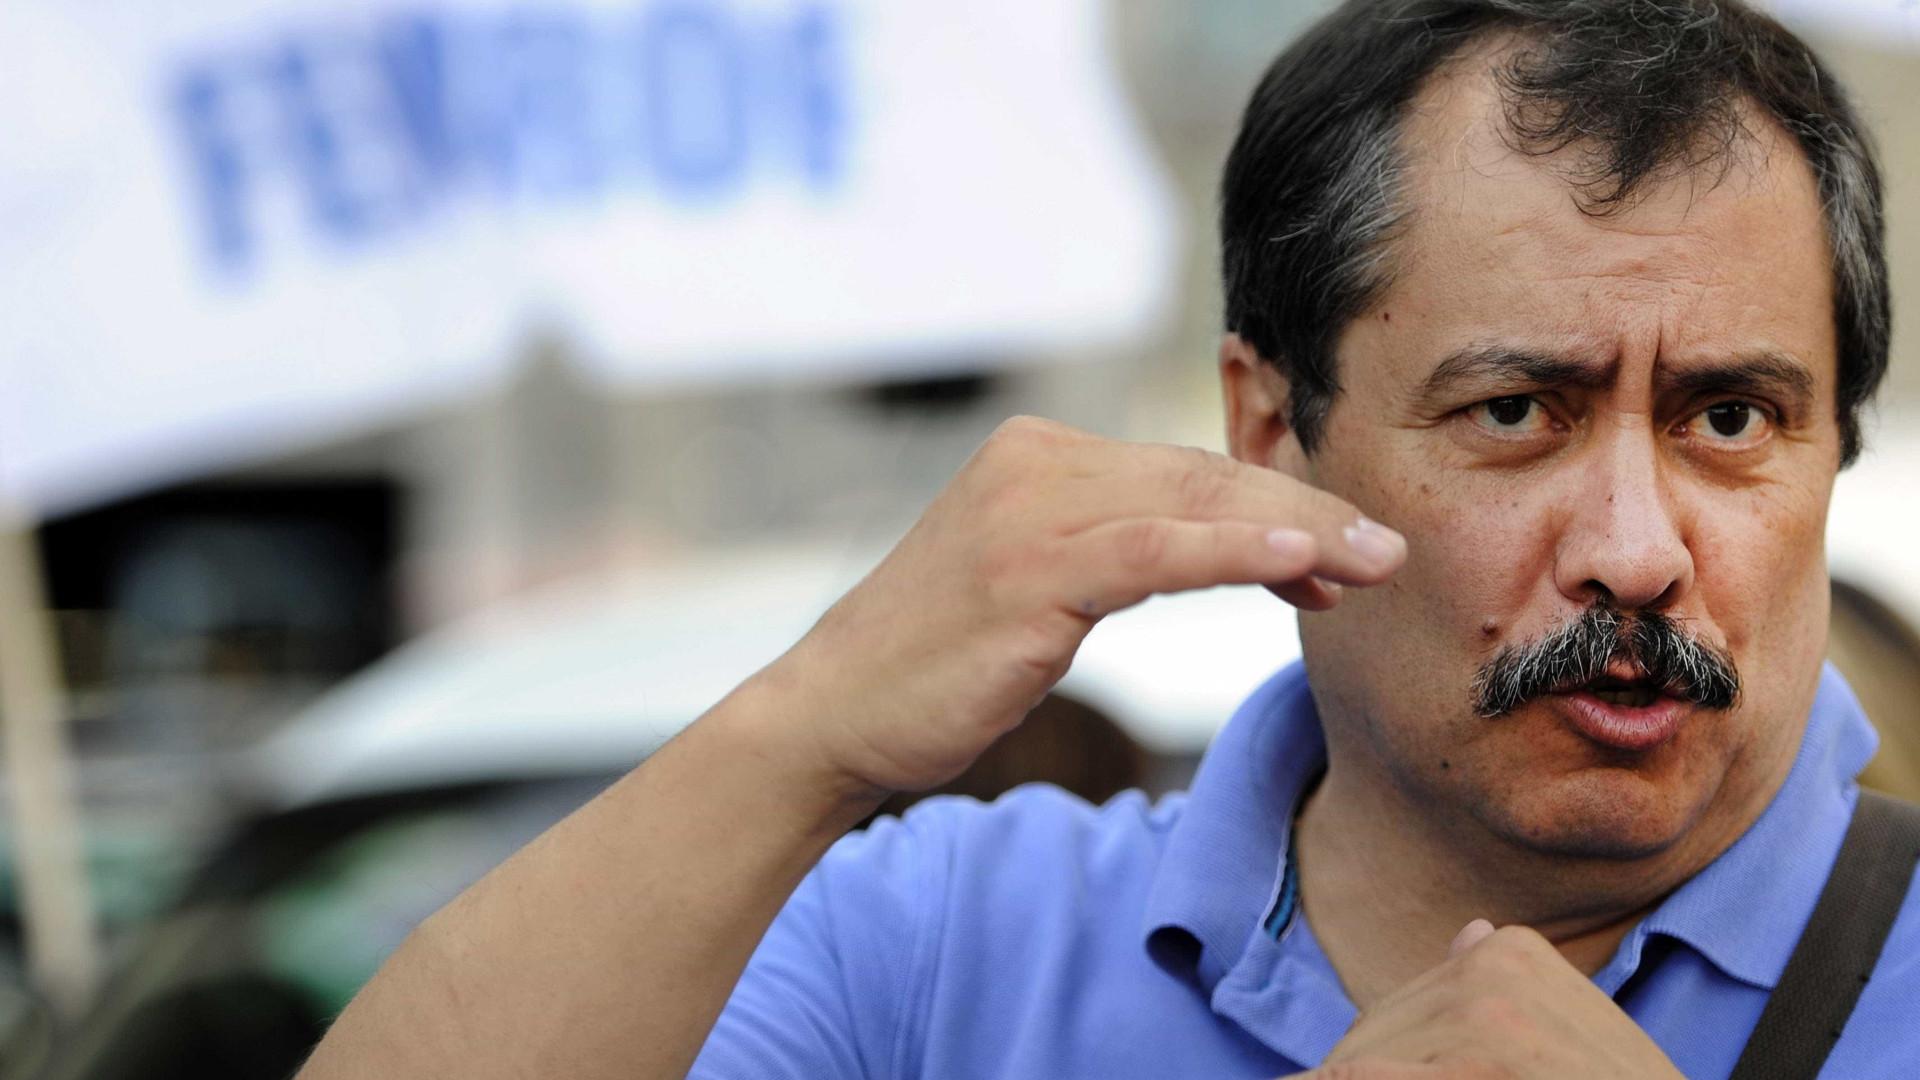 Fenprof mantém manifestação apesar de internamento do ministro